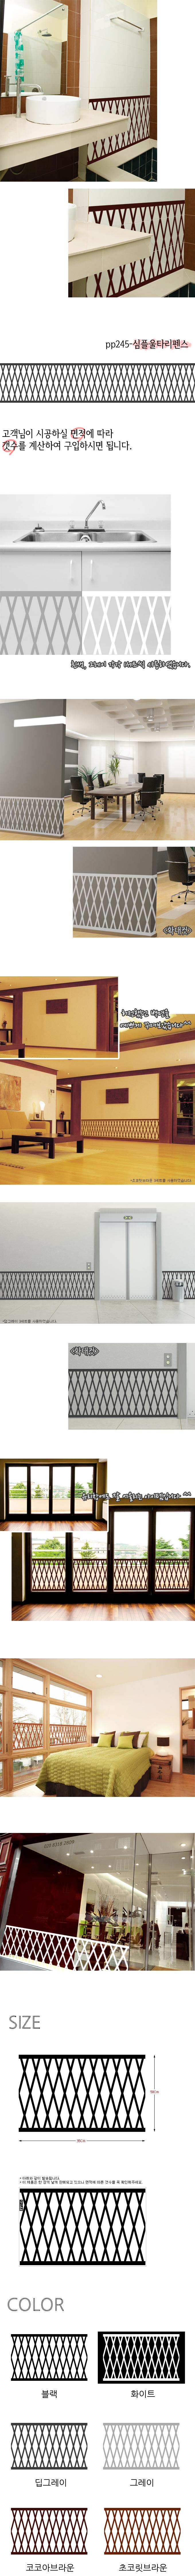 pp245-심플 울타리펜스 - 꾸밈, 15,200원, 월데코스티커, 기타데코